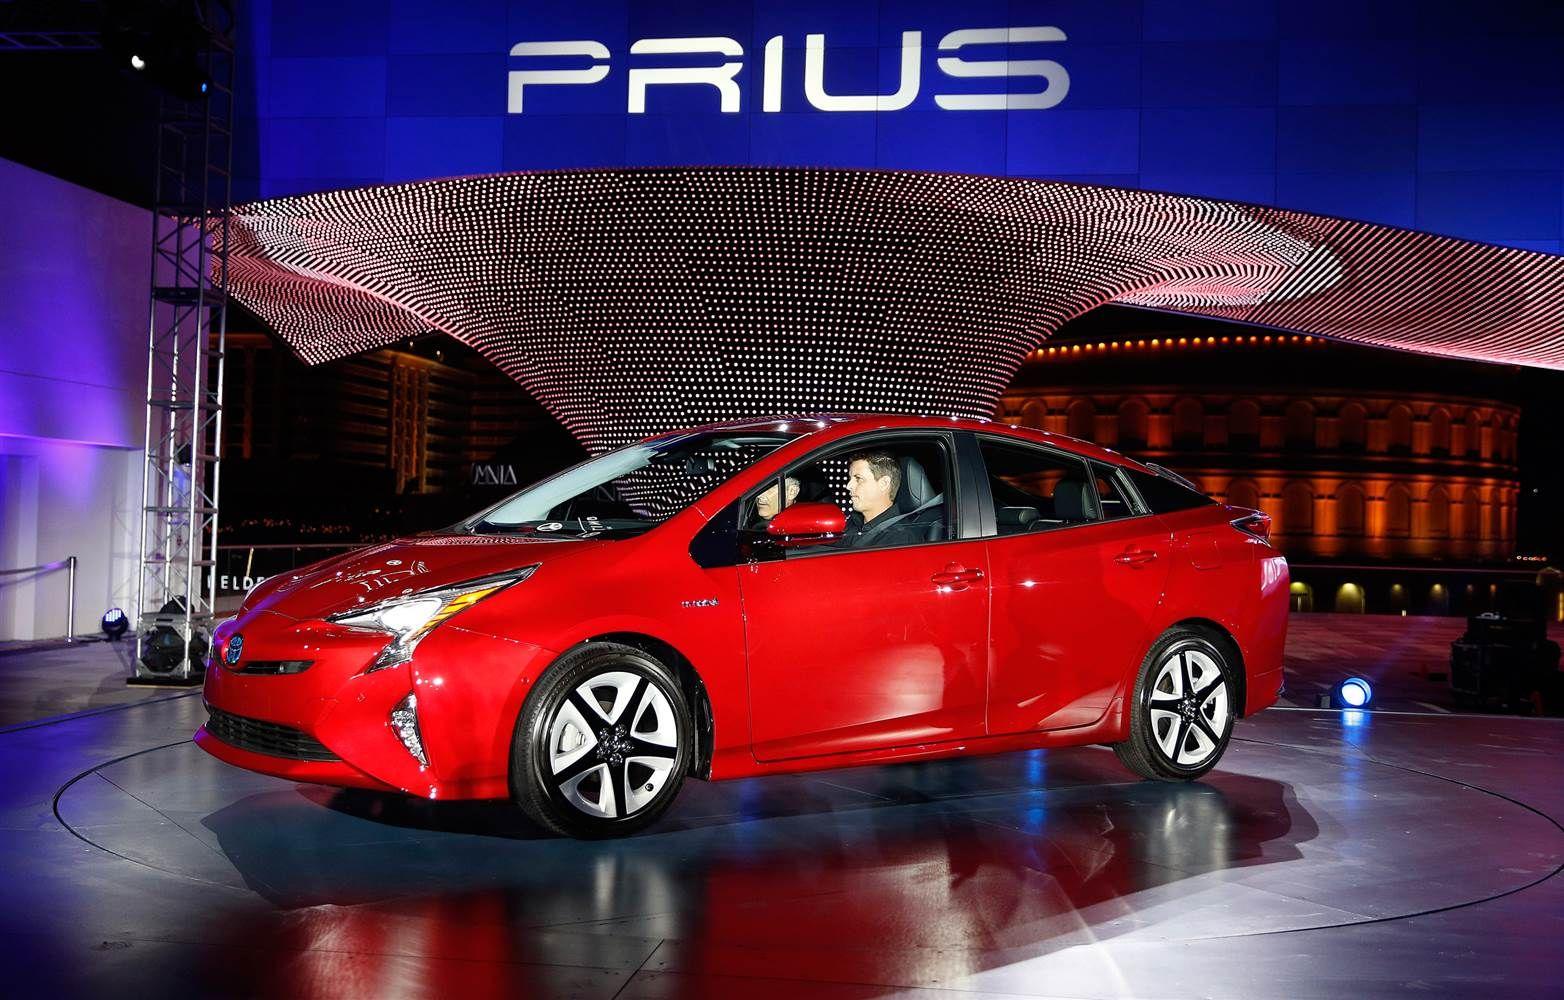 Toyota prius generasi ke 4 kini tampil lebih mengagumkan http bintangotomotif